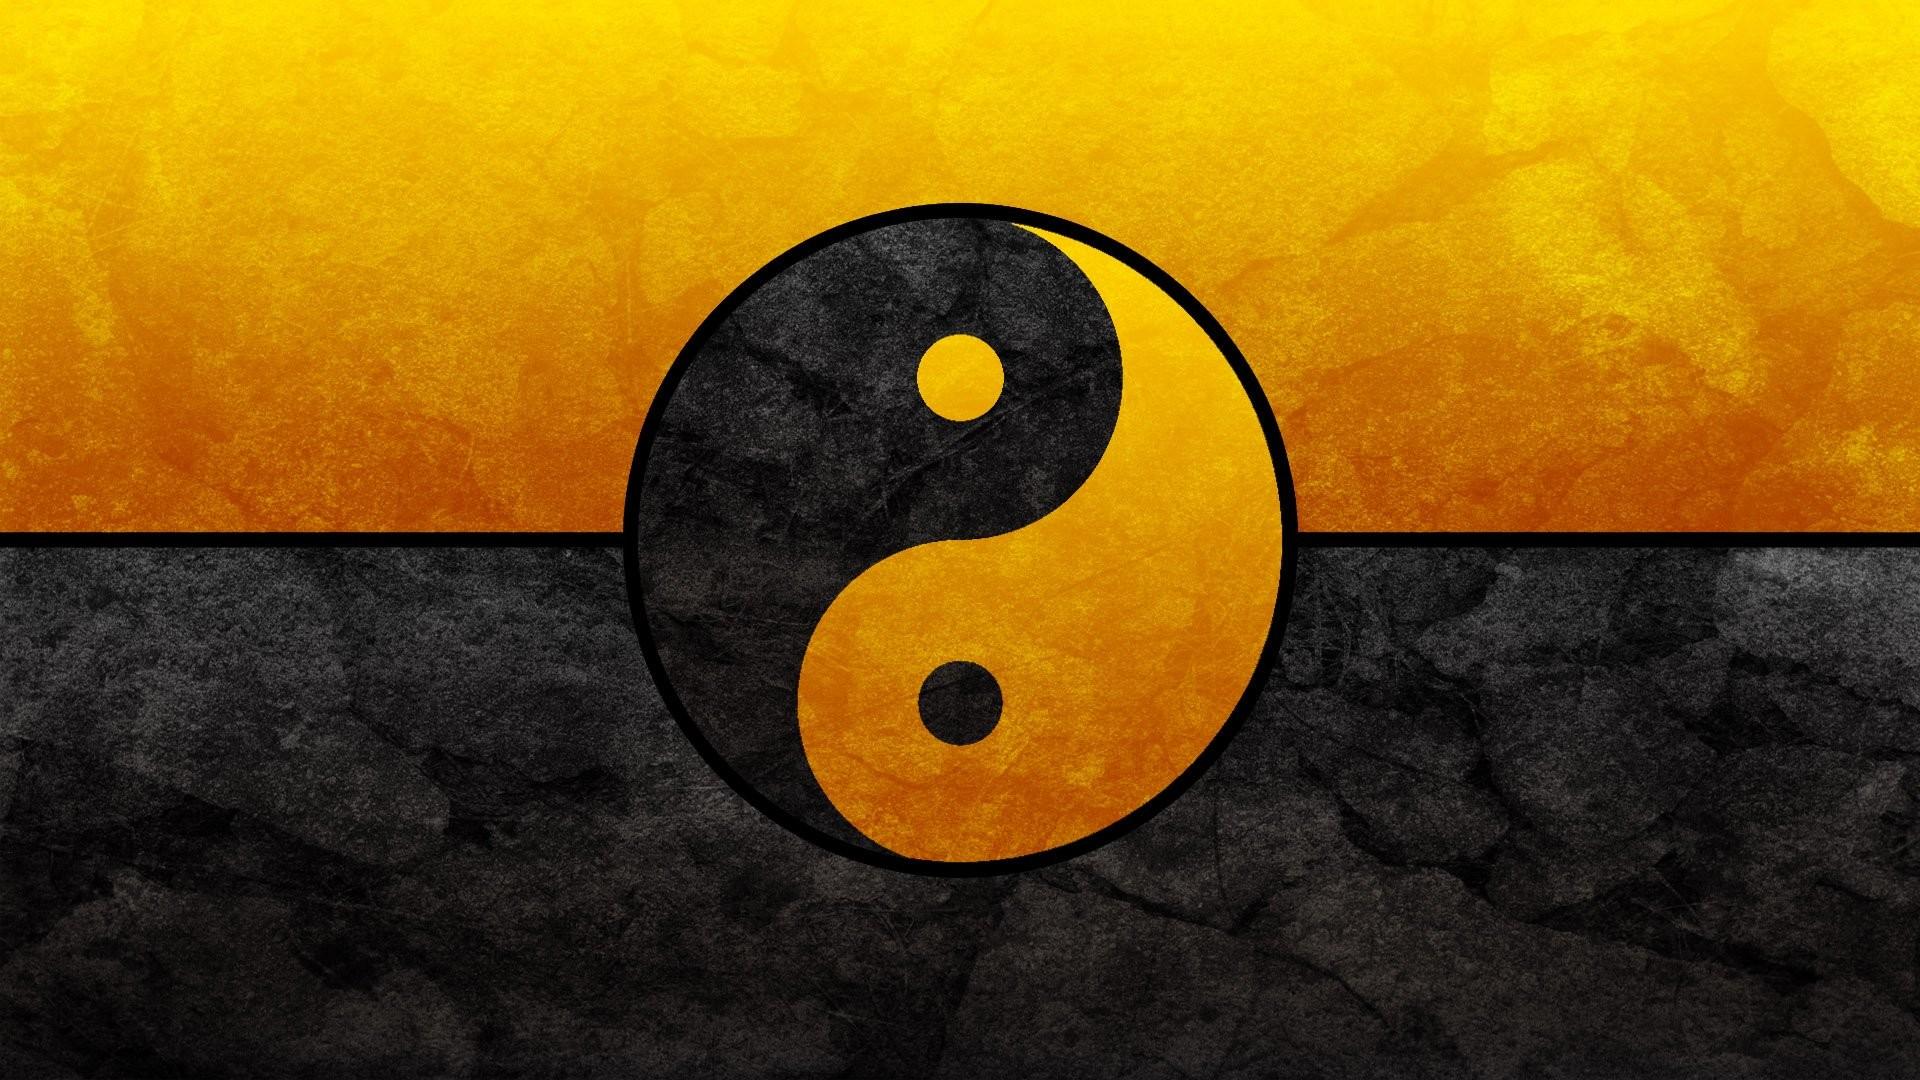 Ying yang wallpapers wallpapertag - Yin and yang wallpaper ...